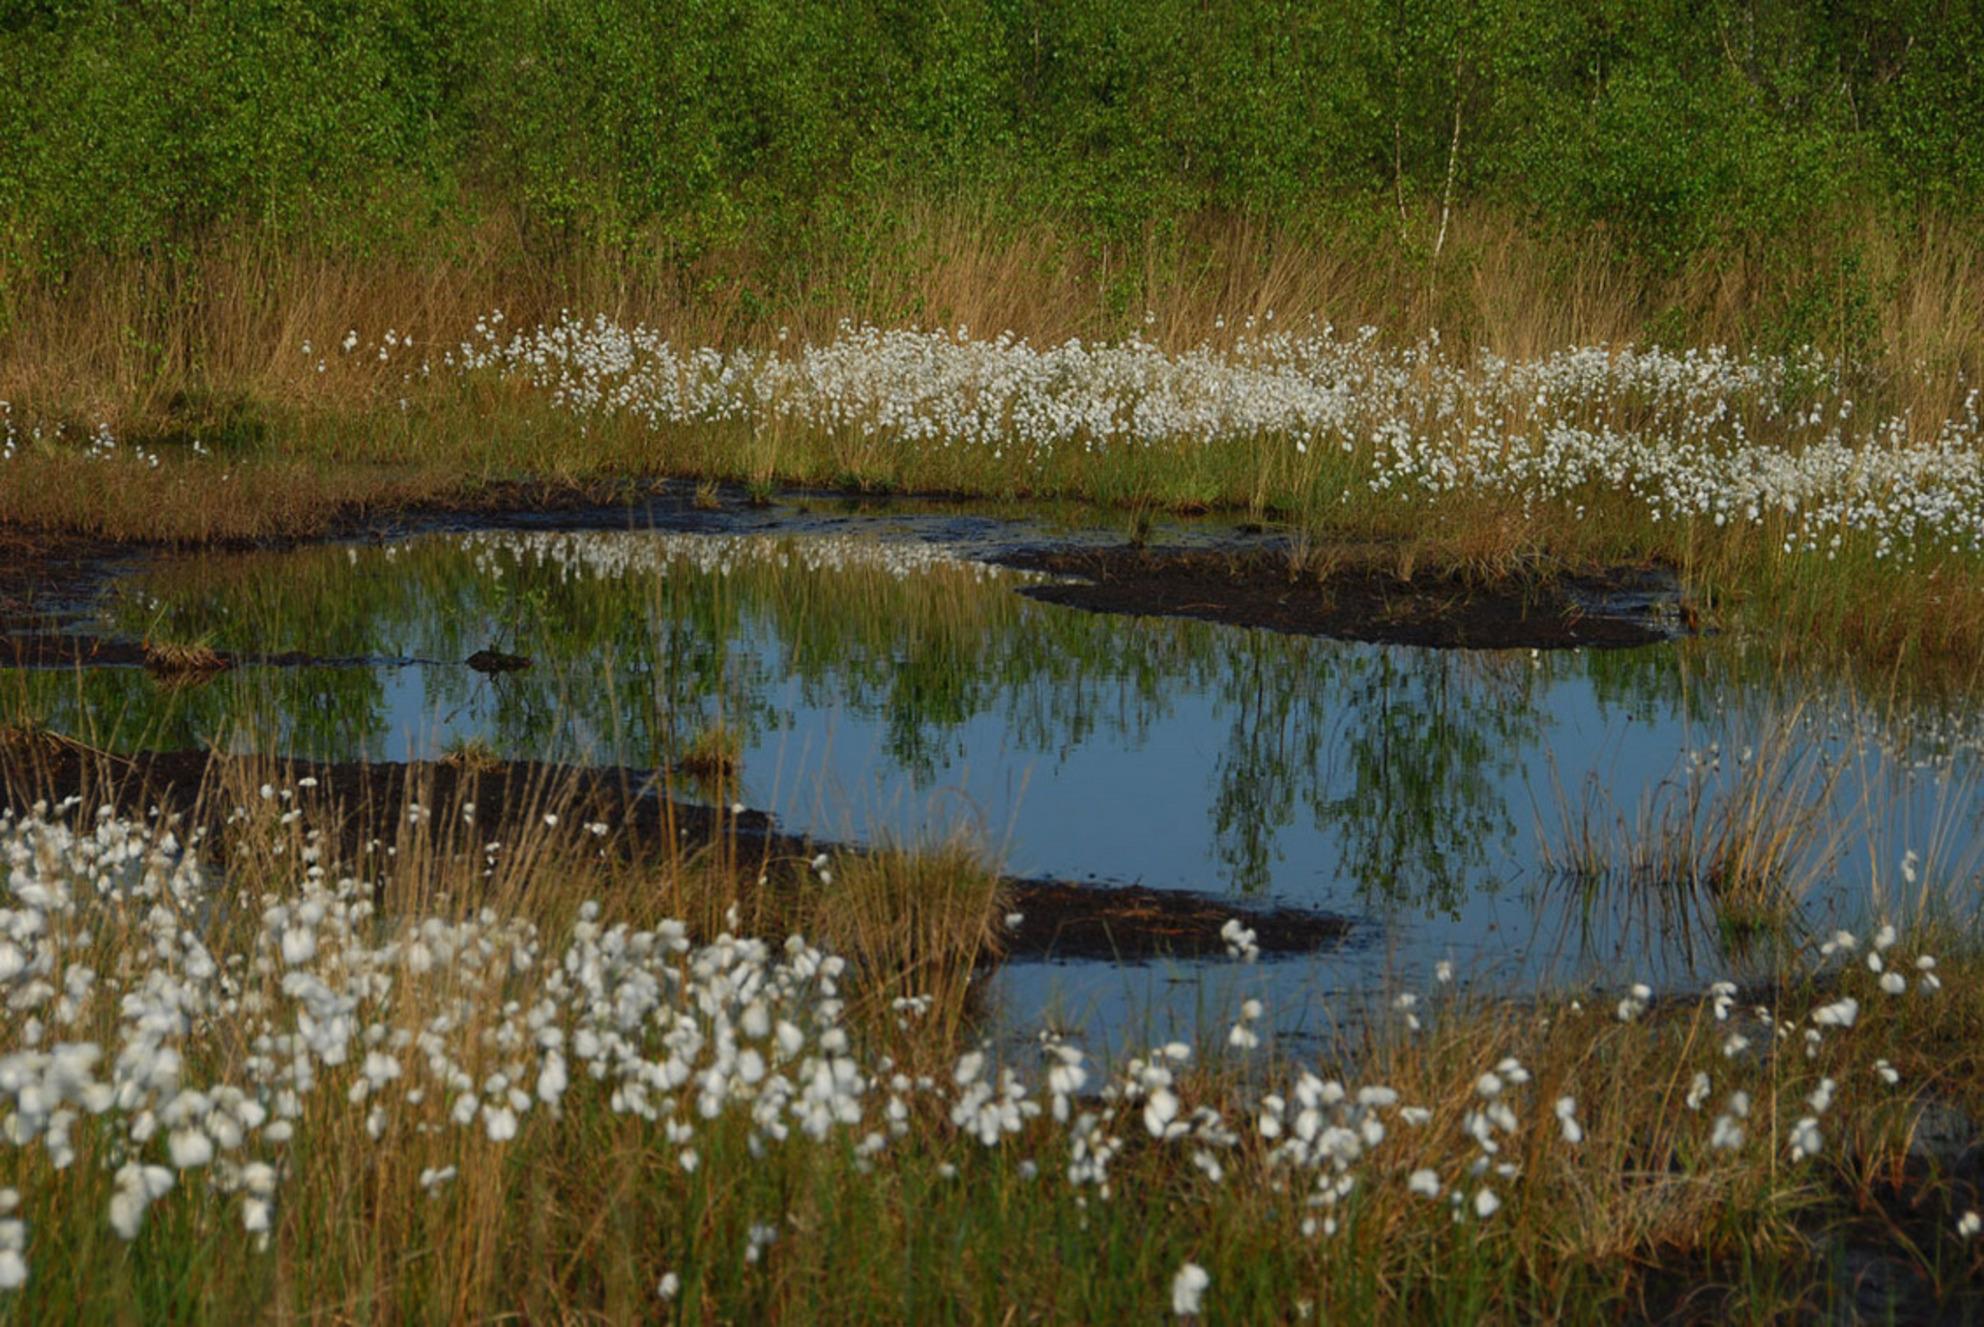 Bargerveen - Bargerveen is een prachtig veenlandschap. Voor de fotografie is er de nodige flora en fauna aanwezig om mooie plaatjes te schieten - foto door dienyart op 18-11-2011 - deze foto bevat: veenlandschap - Deze foto mag gebruikt worden in een Zoom.nl publicatie